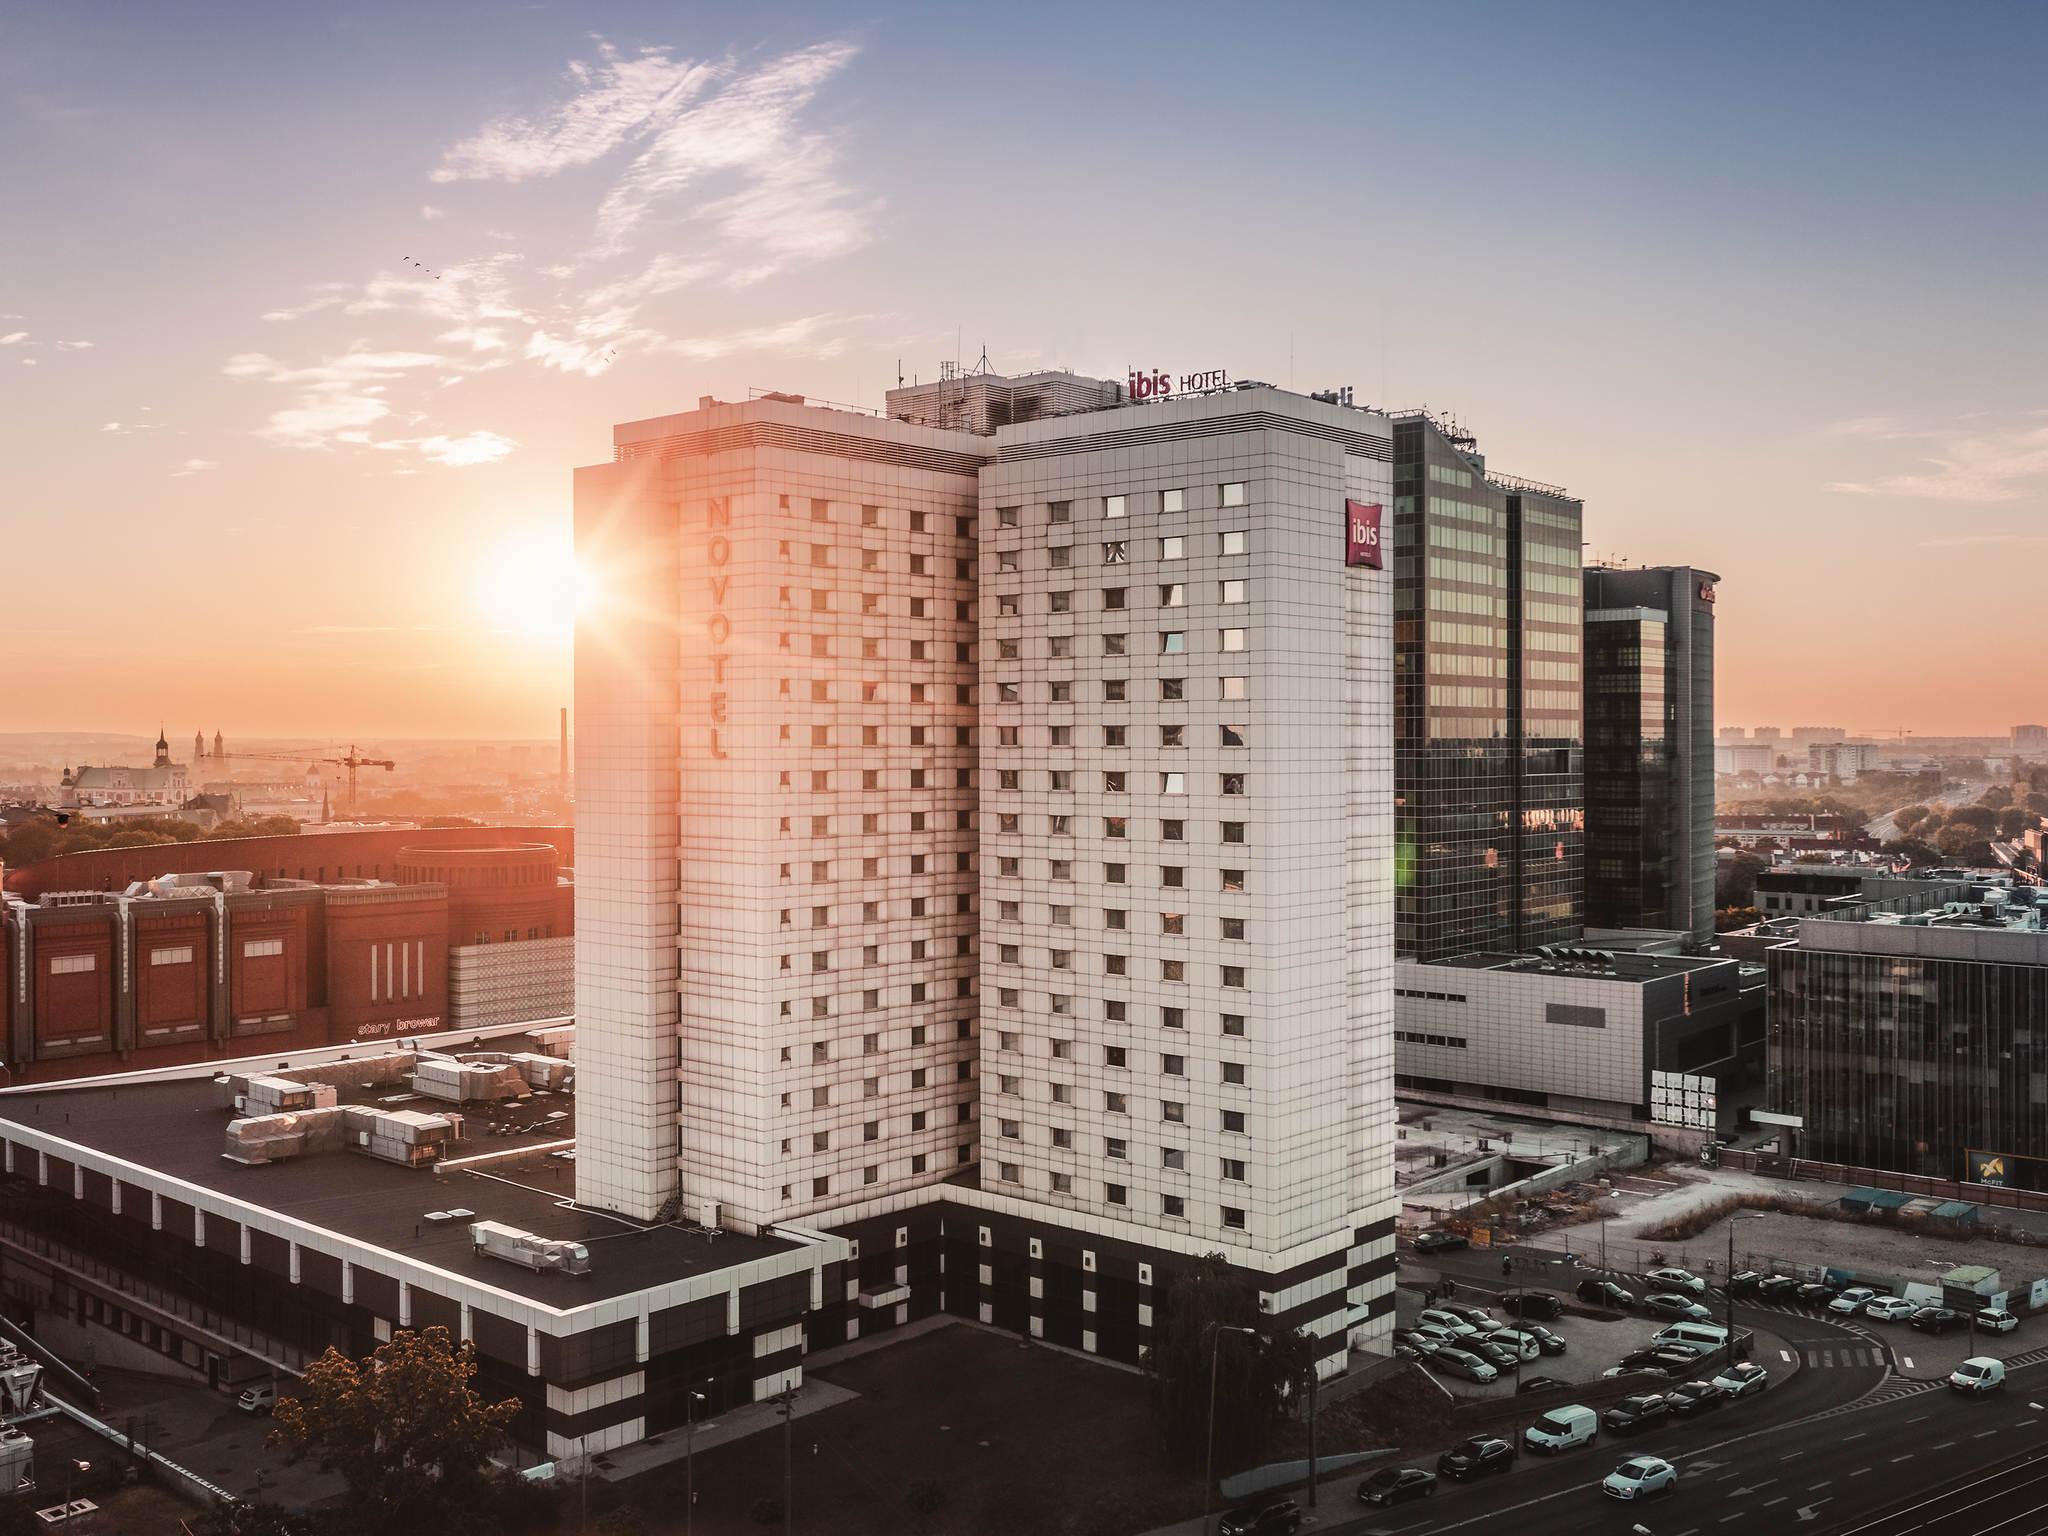 فندق - ibis Poznan Centrum (due to open in January 2019)